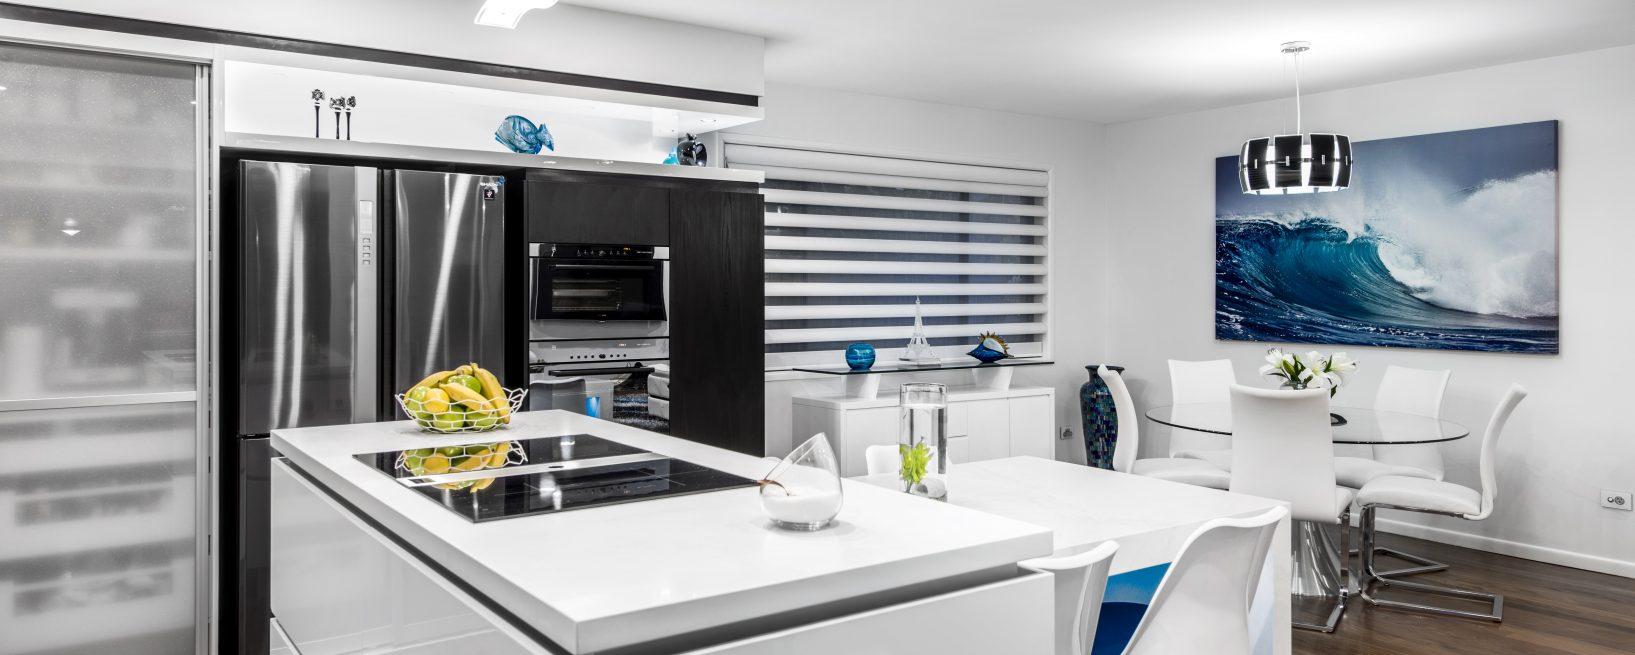 Designer Kitchens Brisbane Australia